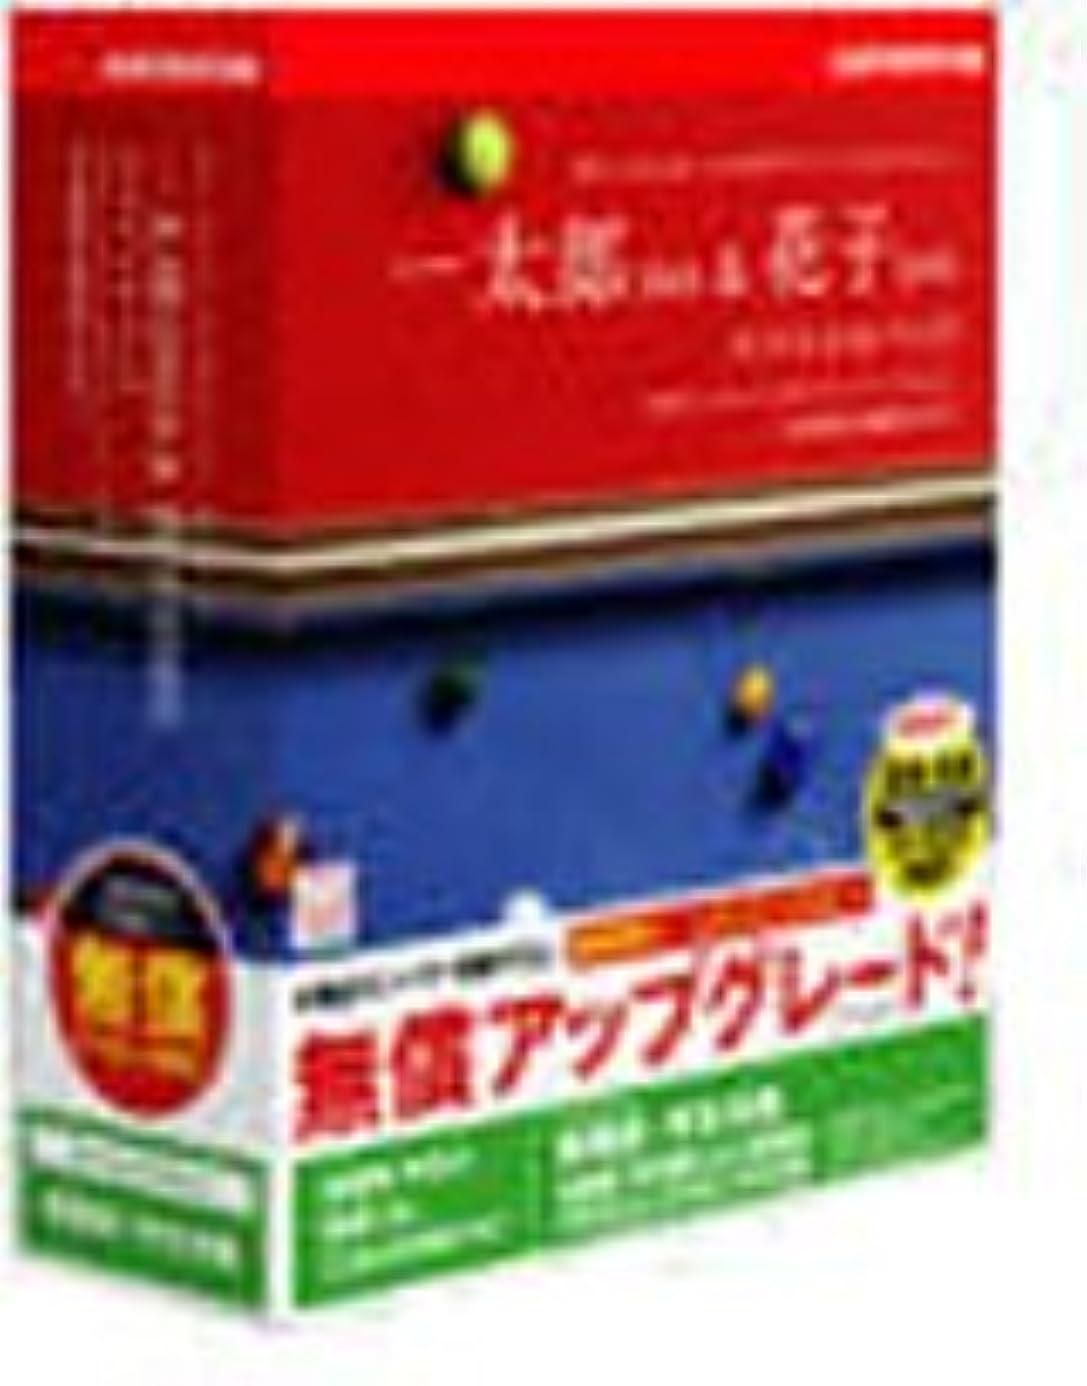 液体パシフィックロードハウス一太郎2005&花子2005 スペシャルパック (無償アップグレード権付き)キャンパスキット